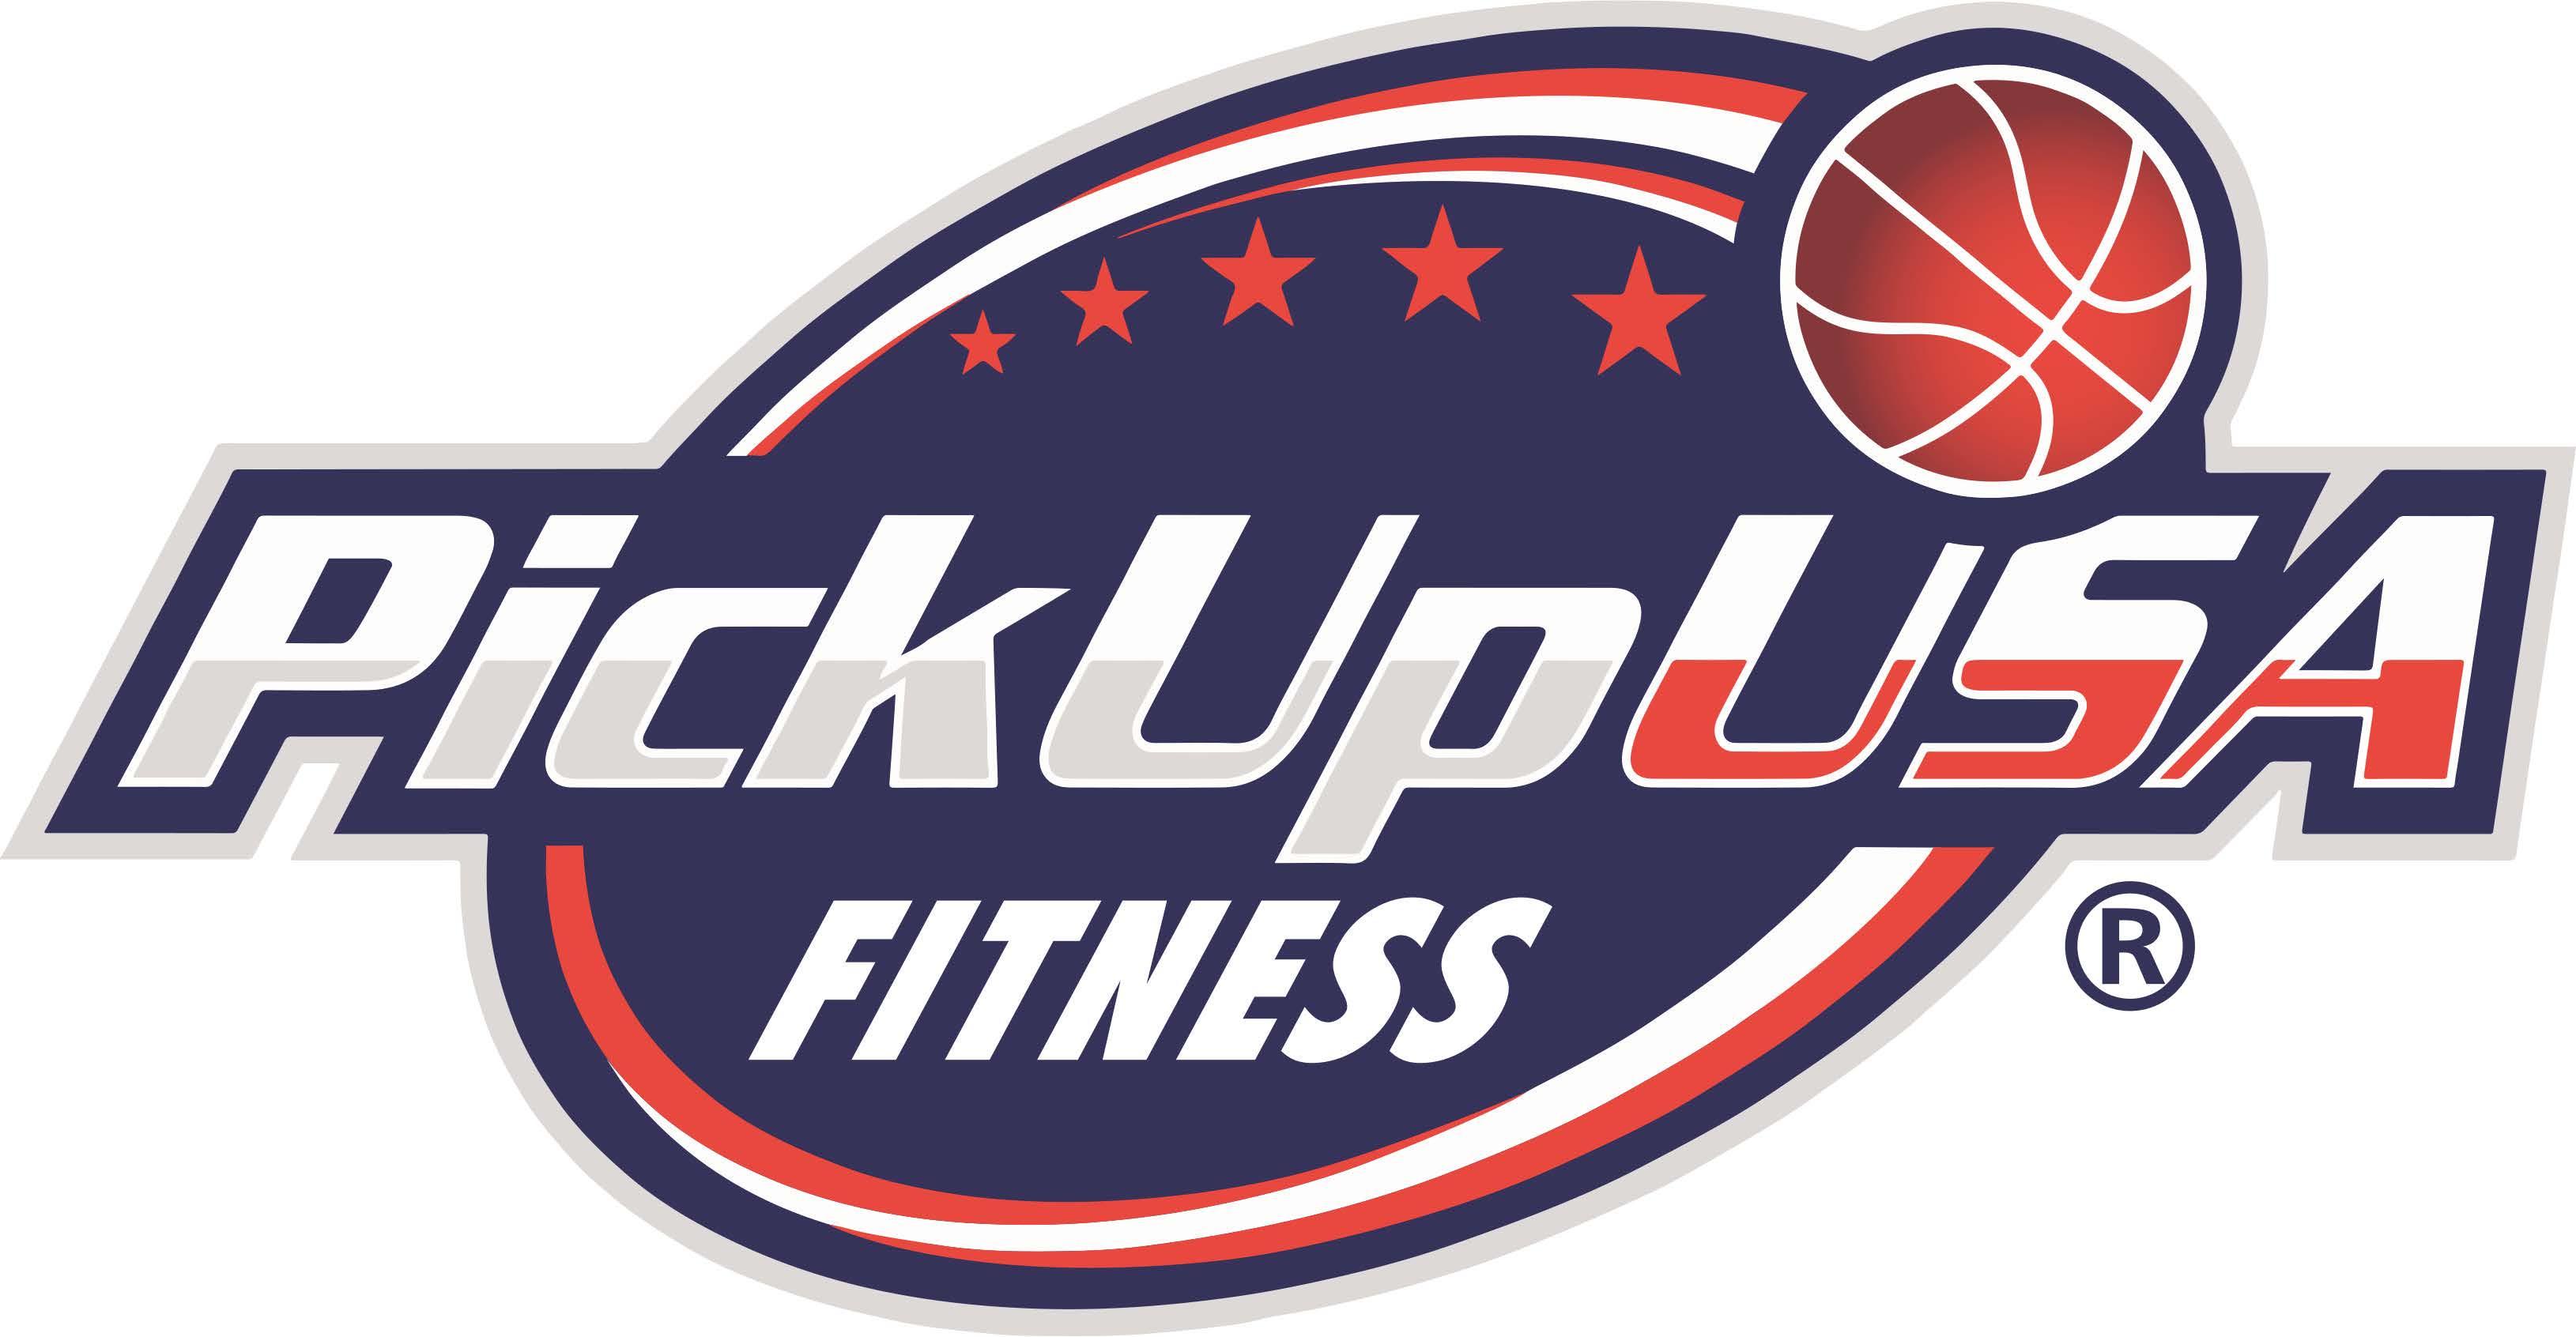 PickUp USA Fitness